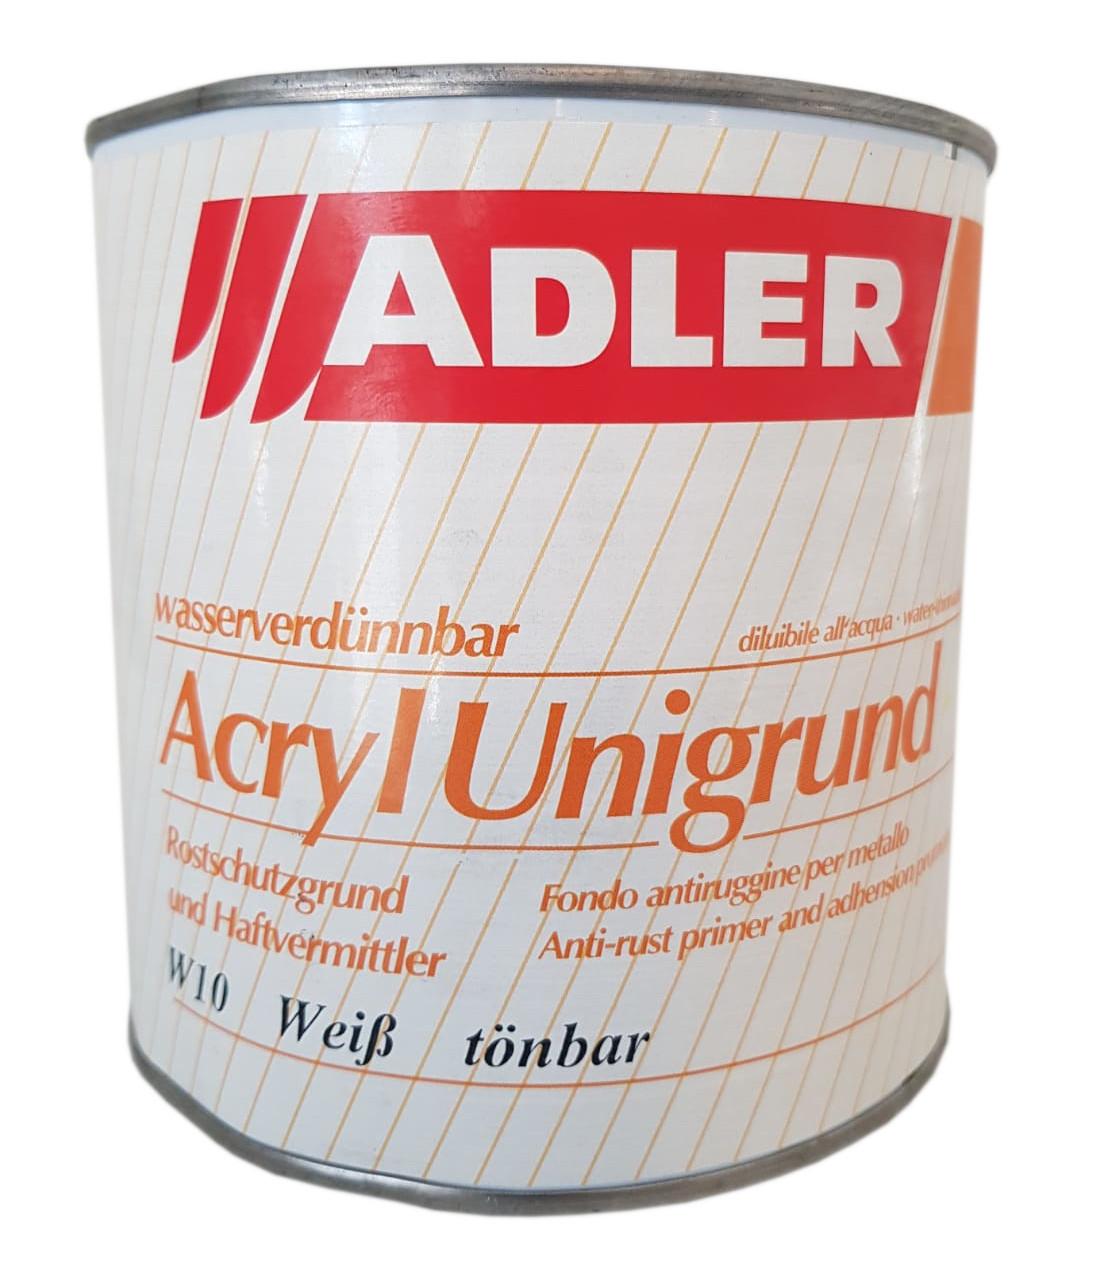 Adler Acryl Unigrund Rostschutzgrund W10 Weiß tönbar Innen & Außen 0,75 Liter